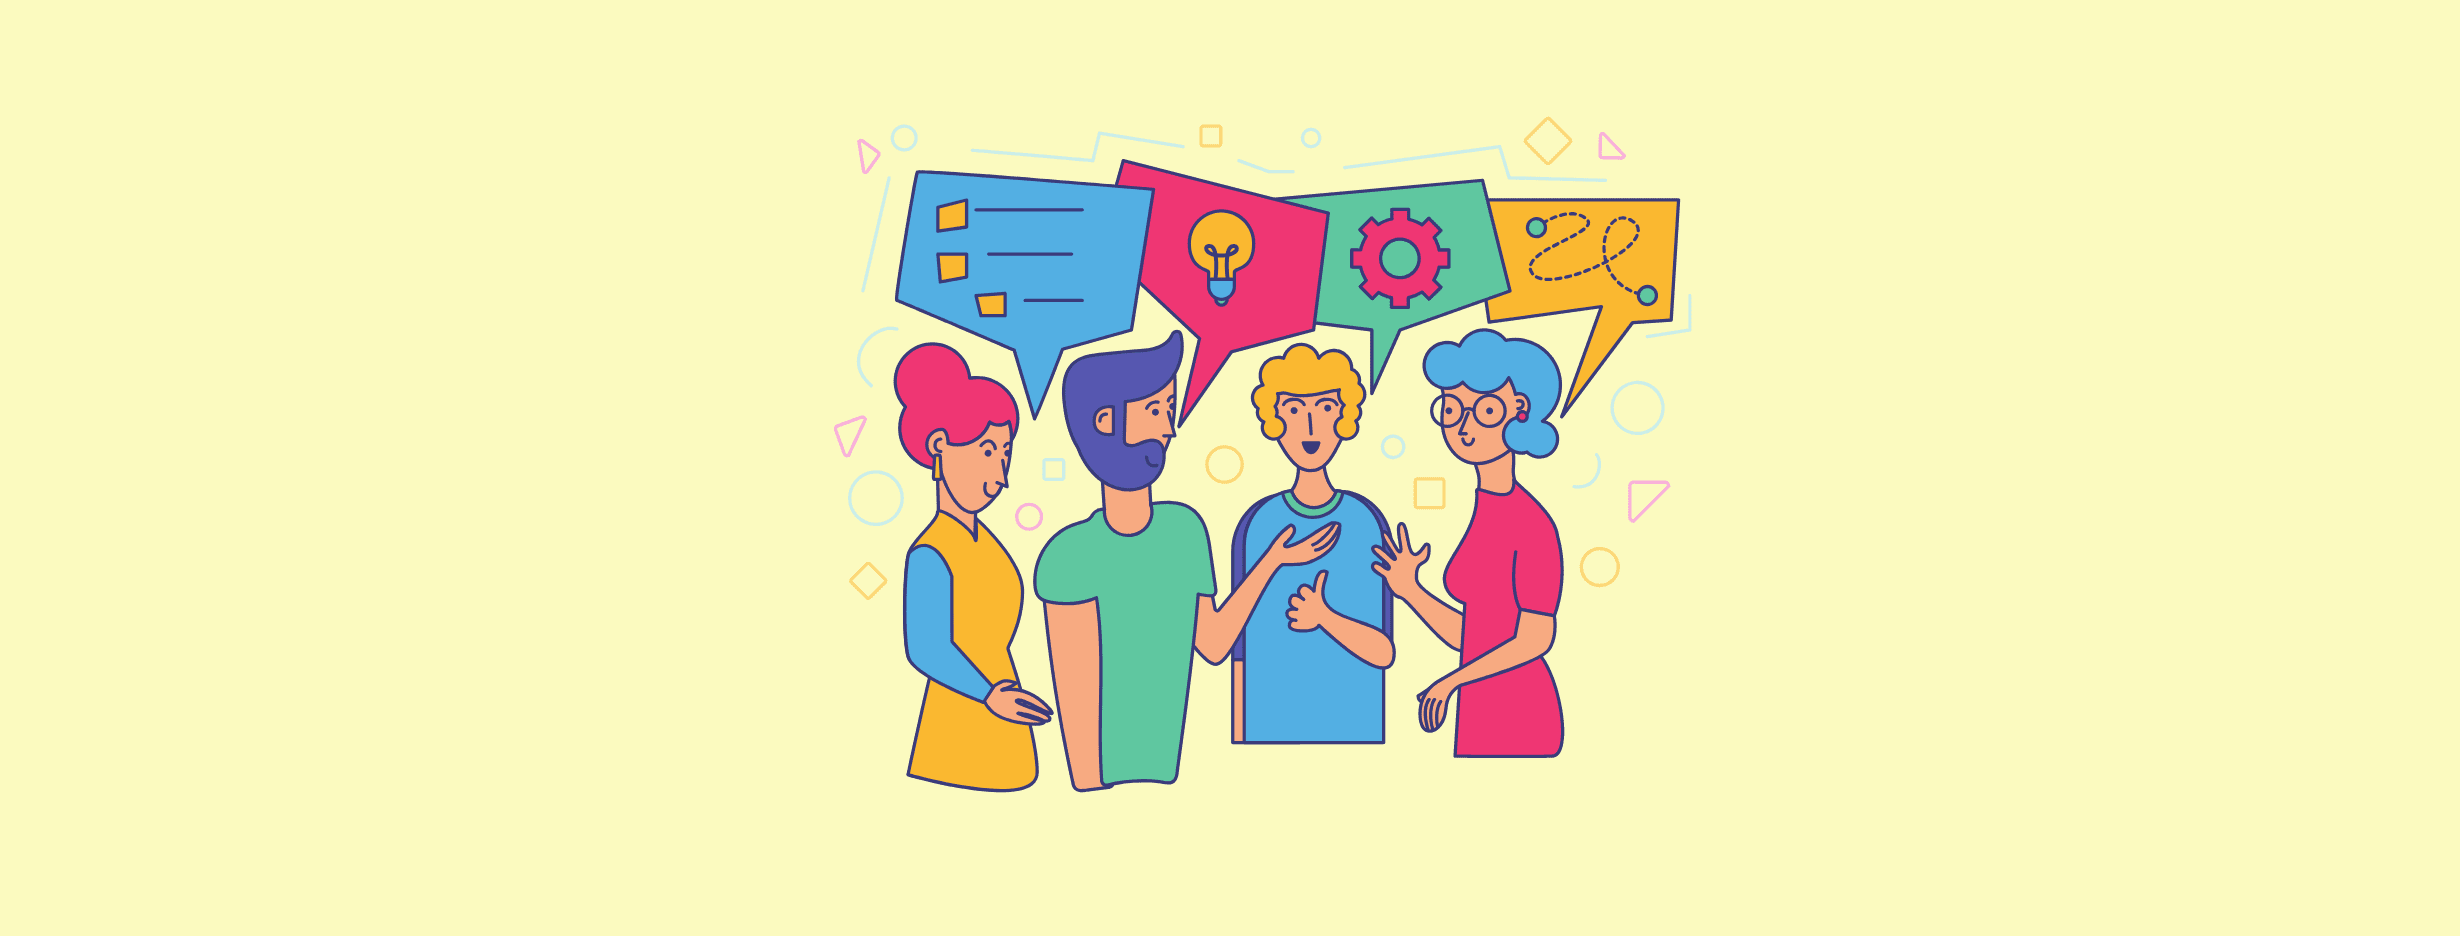 company culture blog